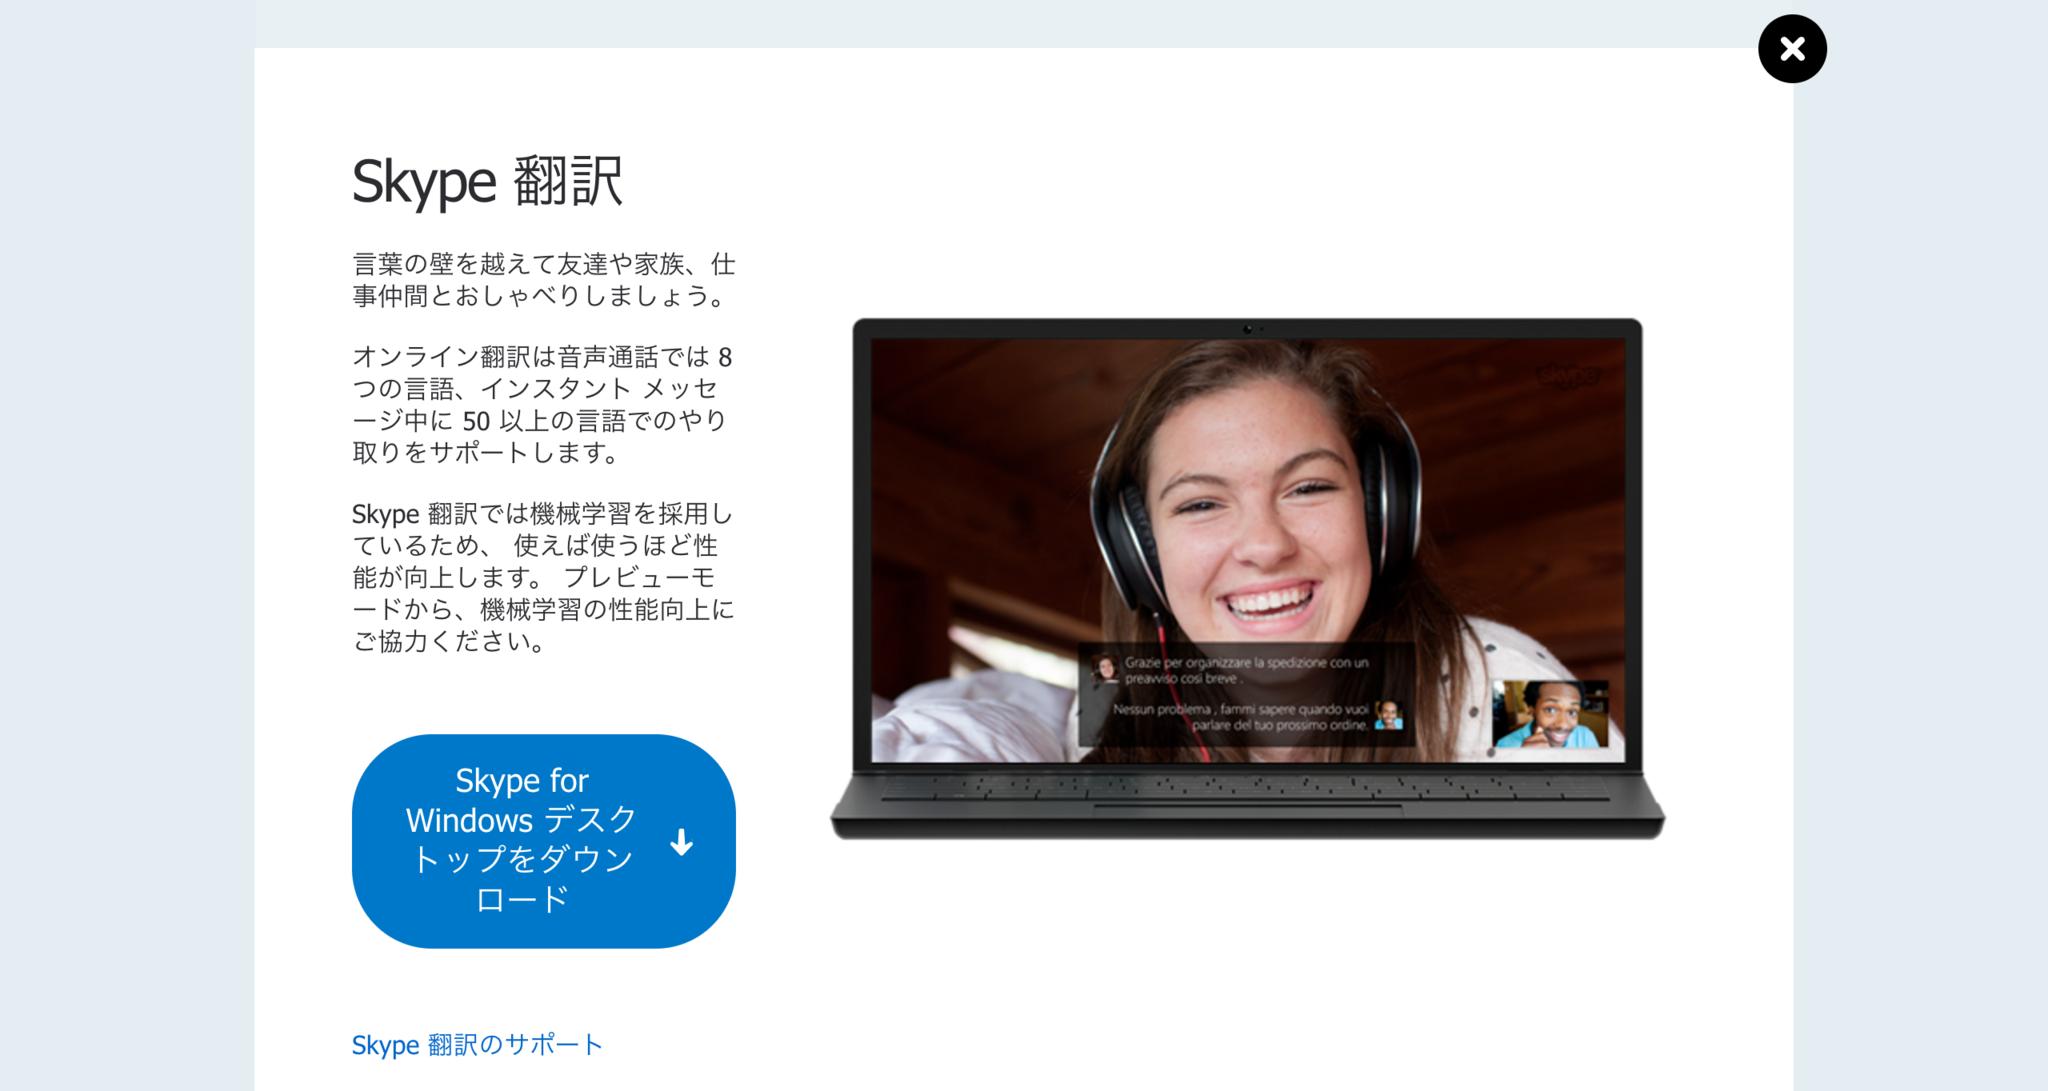 機能___Skype_の活用方法___Skype.png